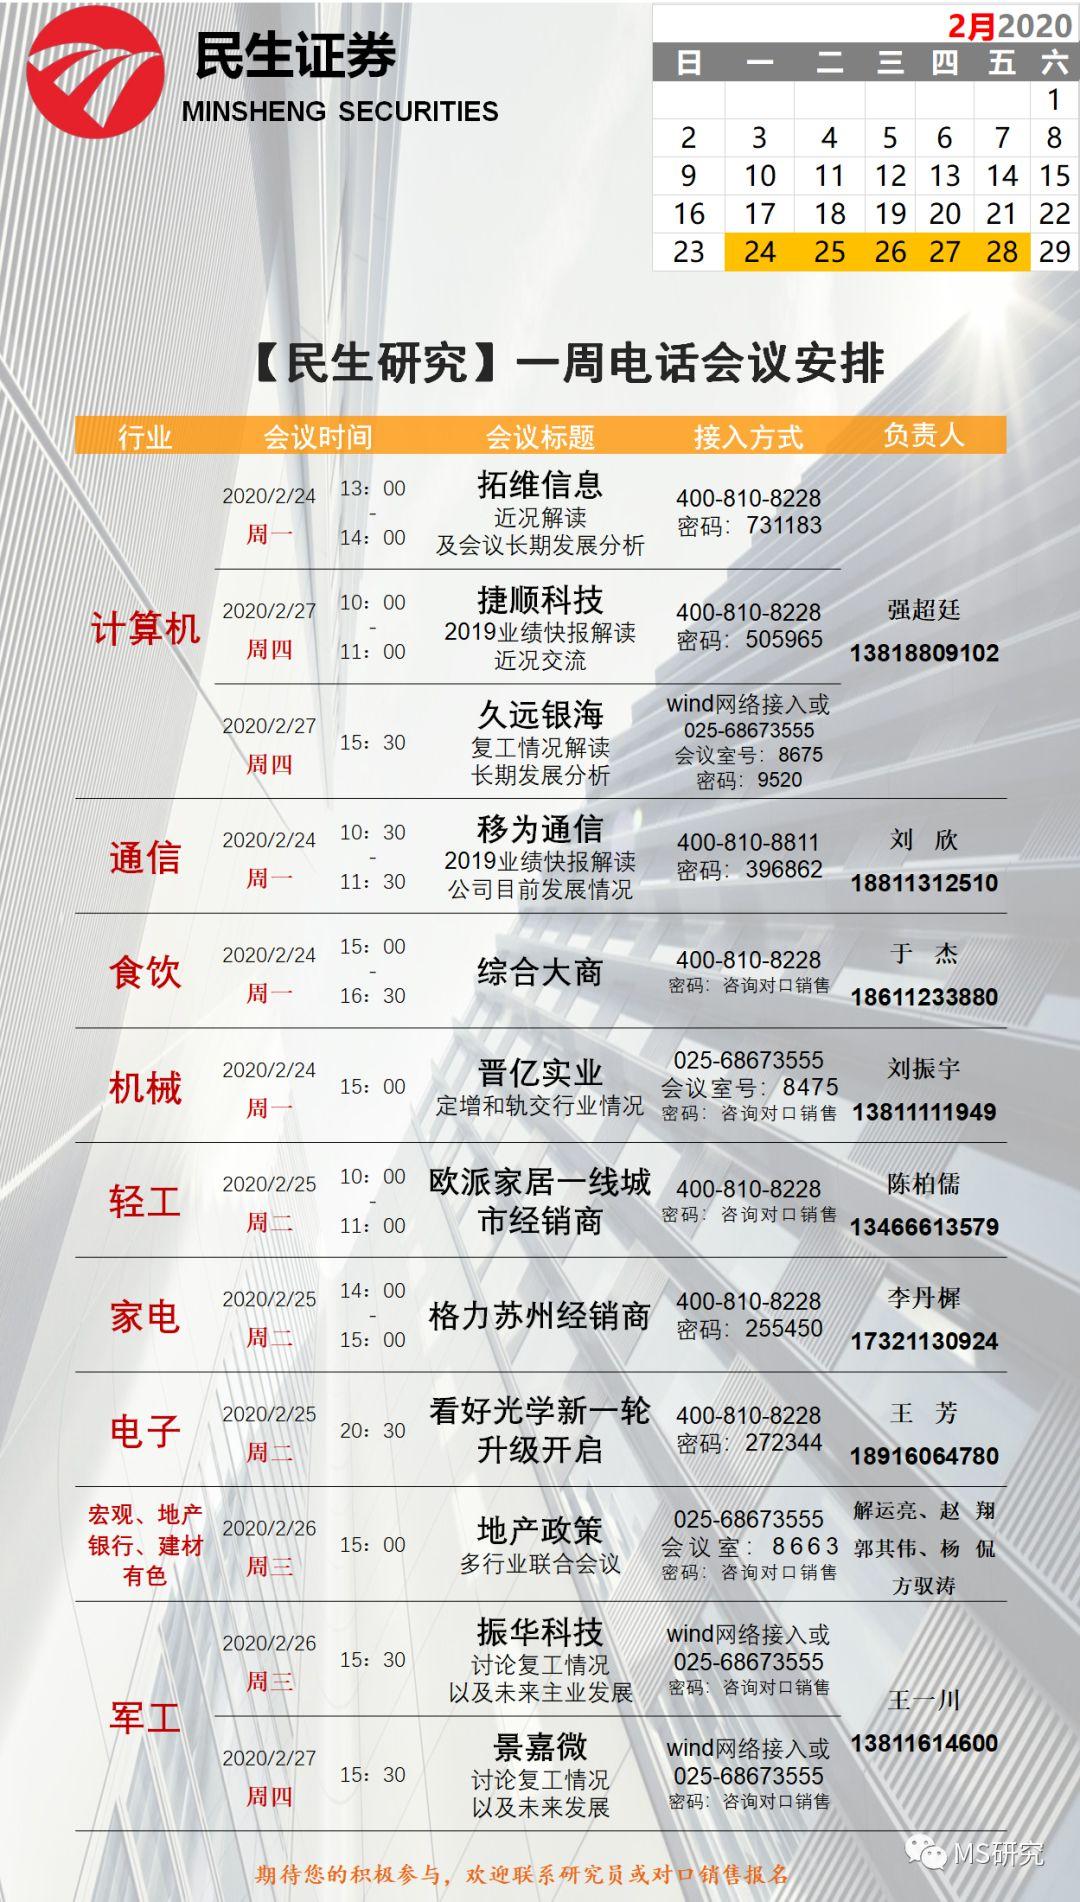 【民生证券研究院】晨会纪要20200227